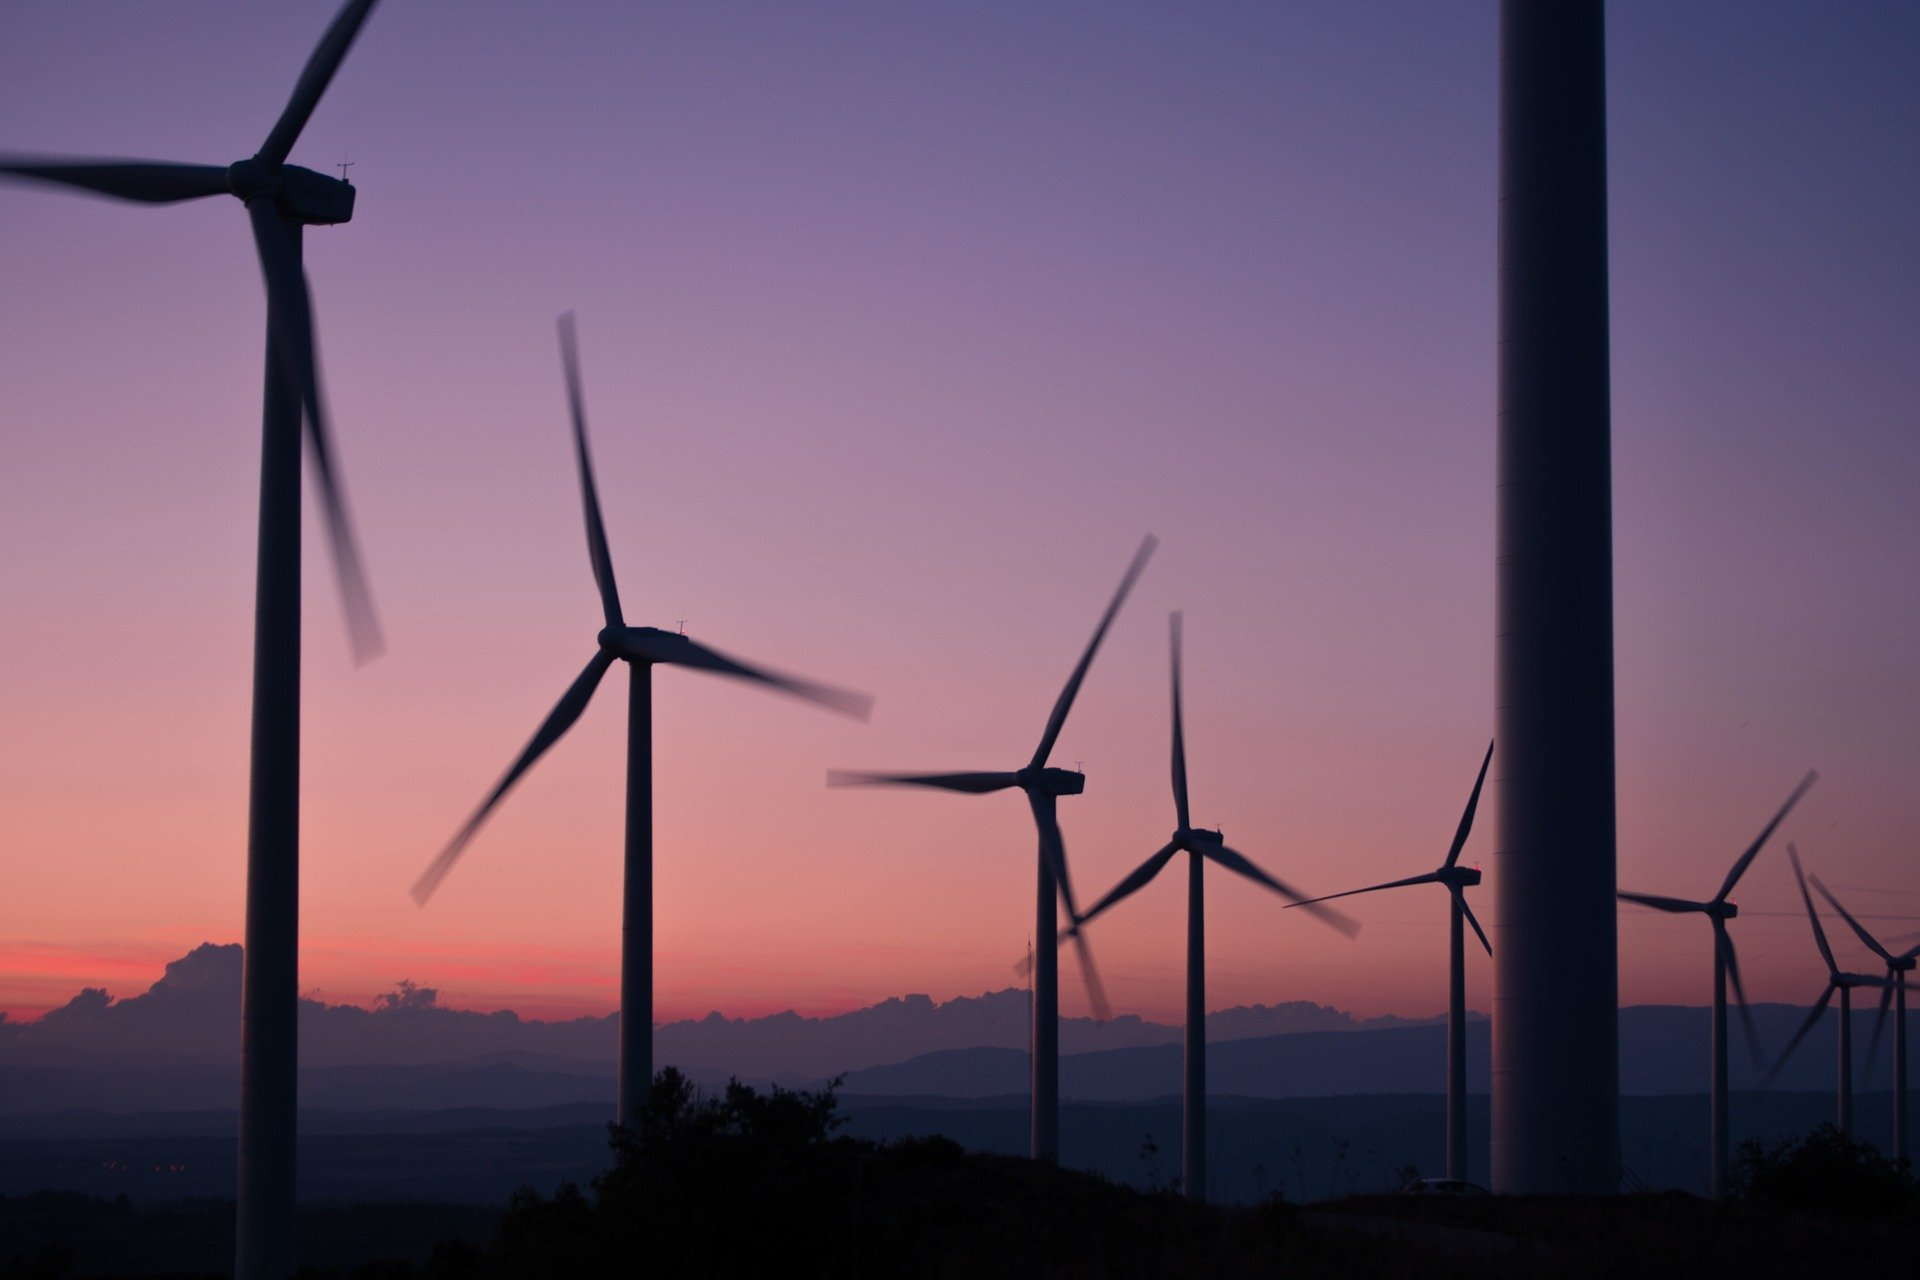 gouvernement valide 600 mw projets renouvelables - L'Energeek